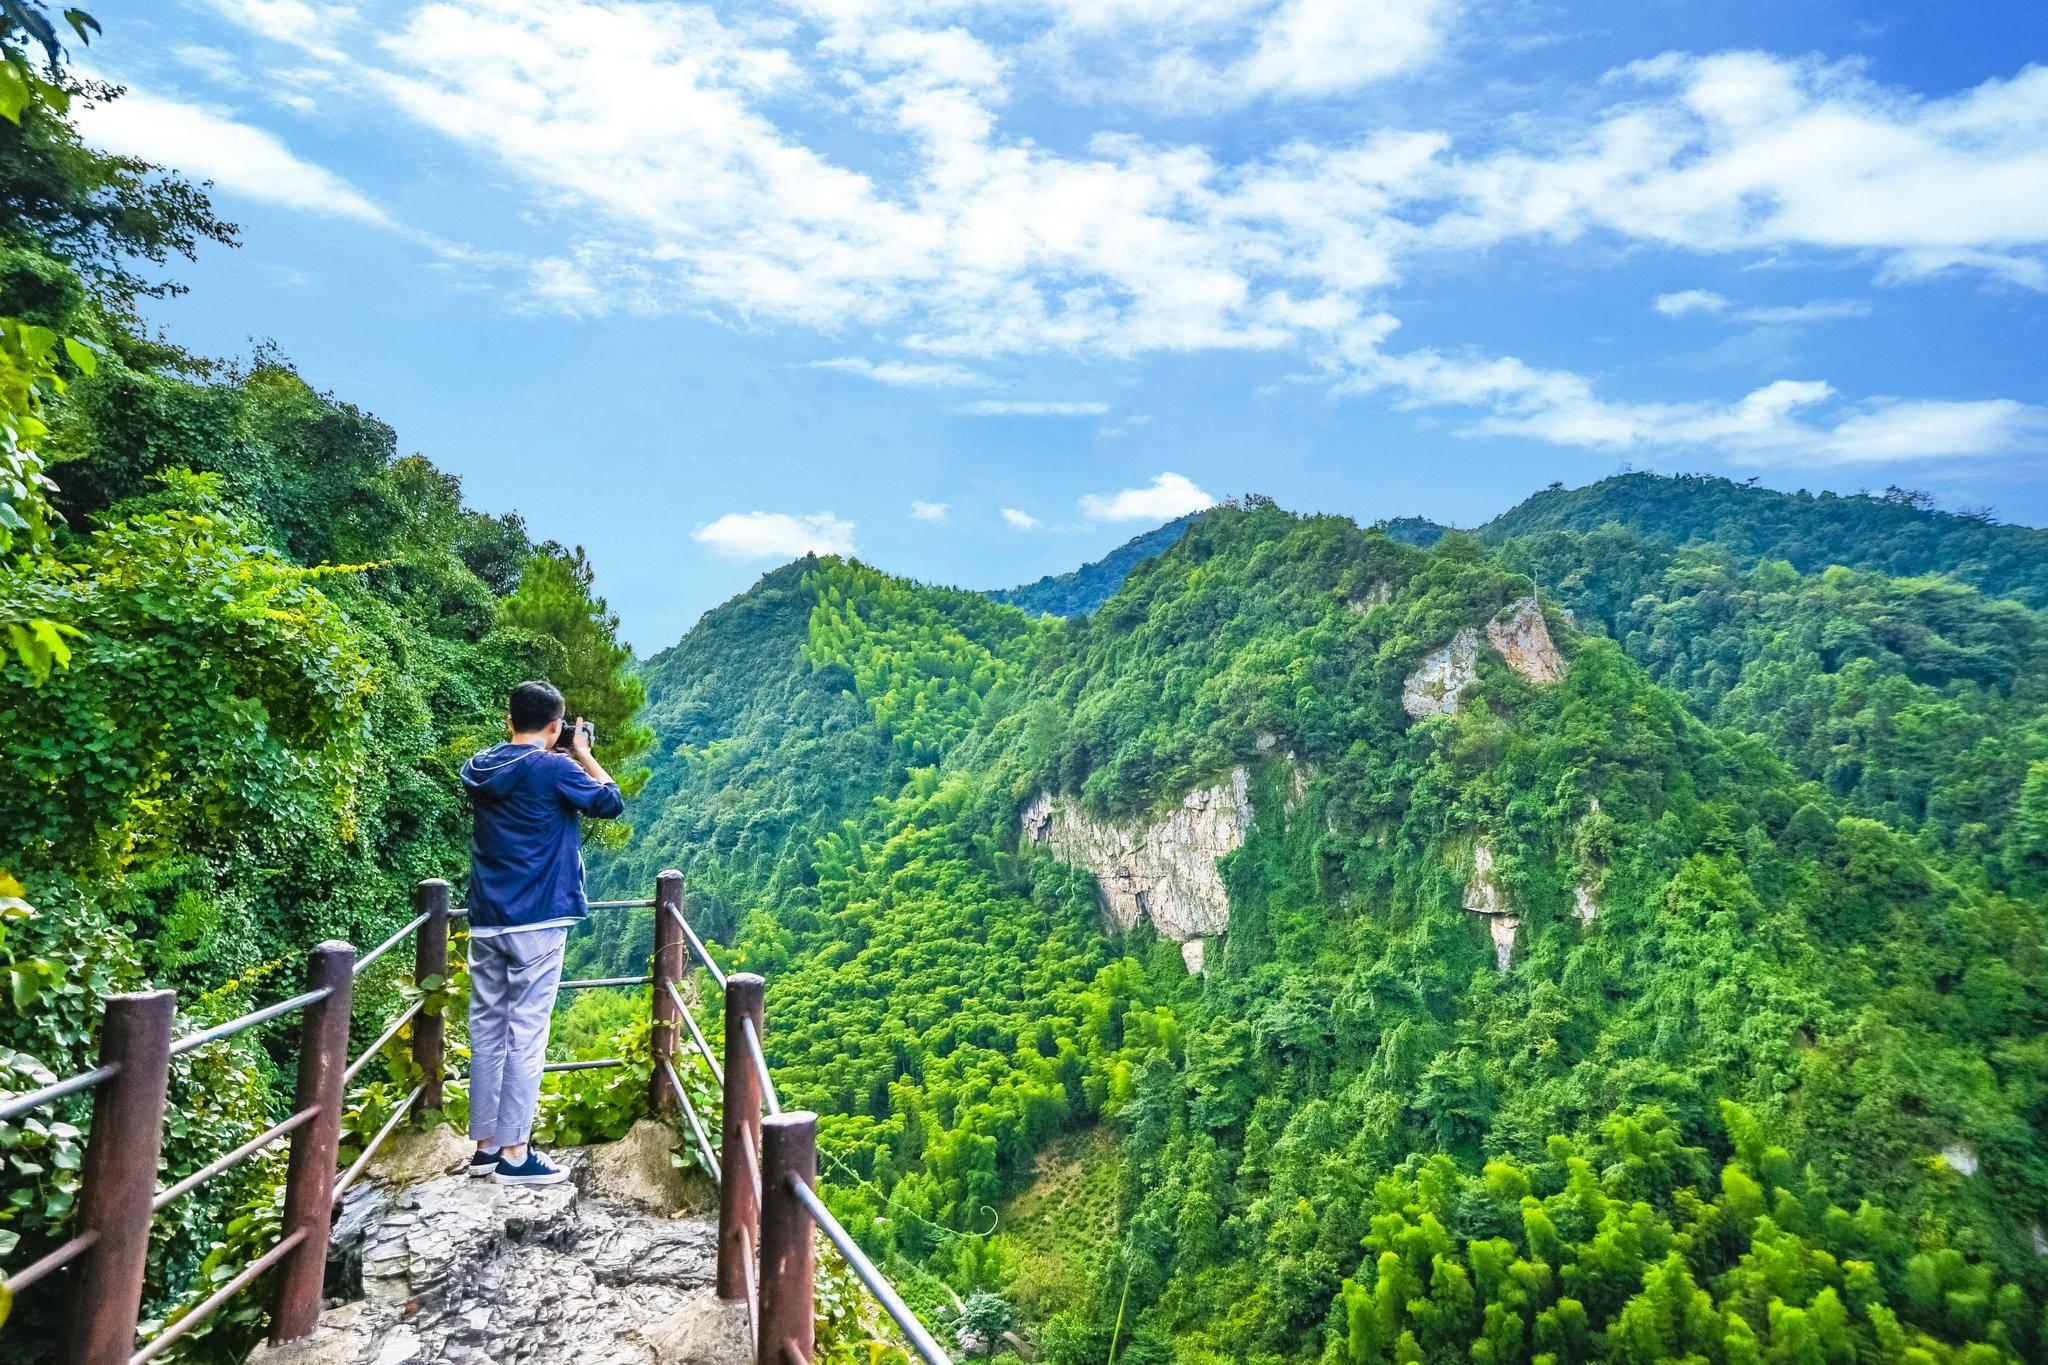 深藏安徽的大裂谷,群山环绕进出只有一条小道,外界人一般不知道